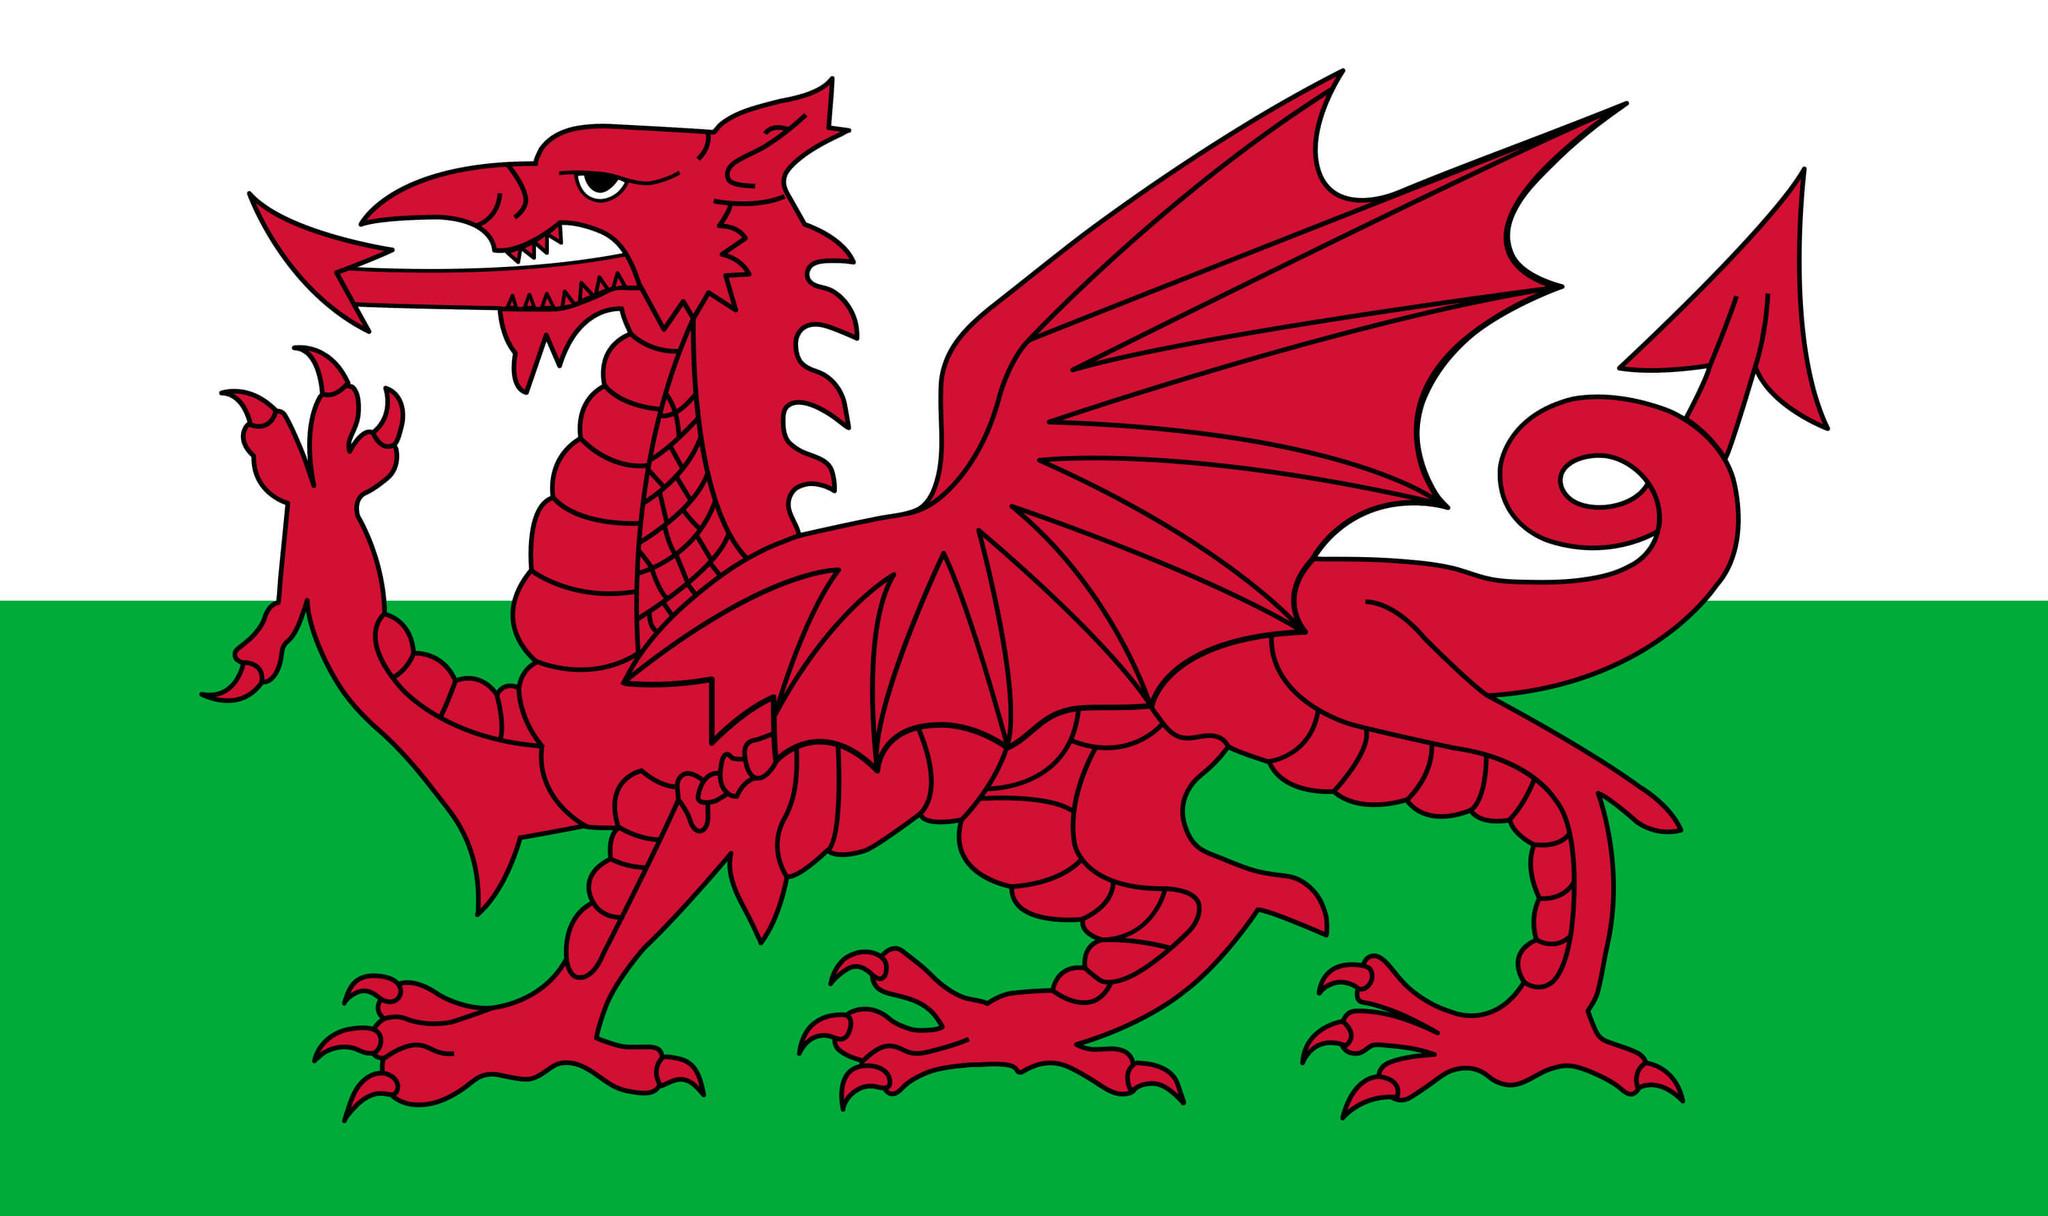 vlag wales afbeelding en betekenis welshe vlag